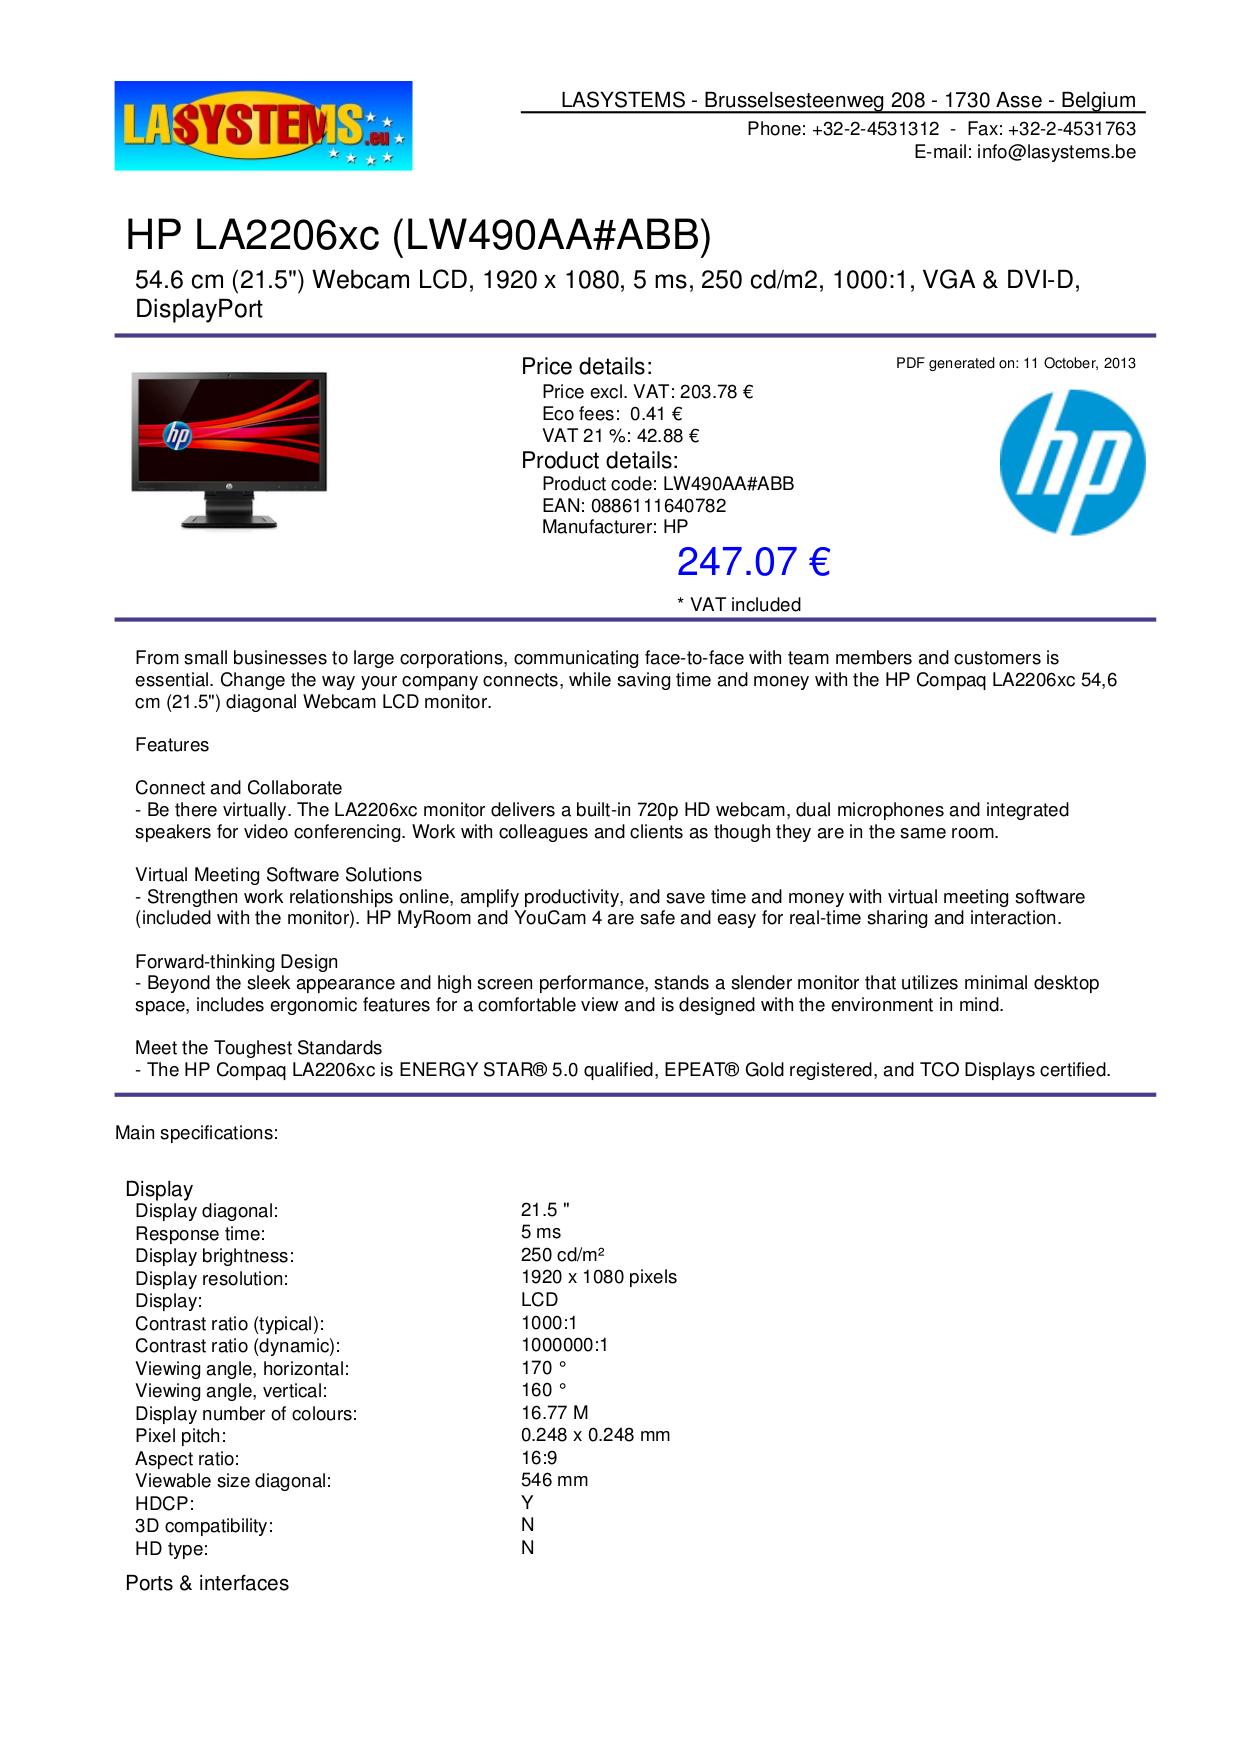 hp compaq la2205wg manual pdf